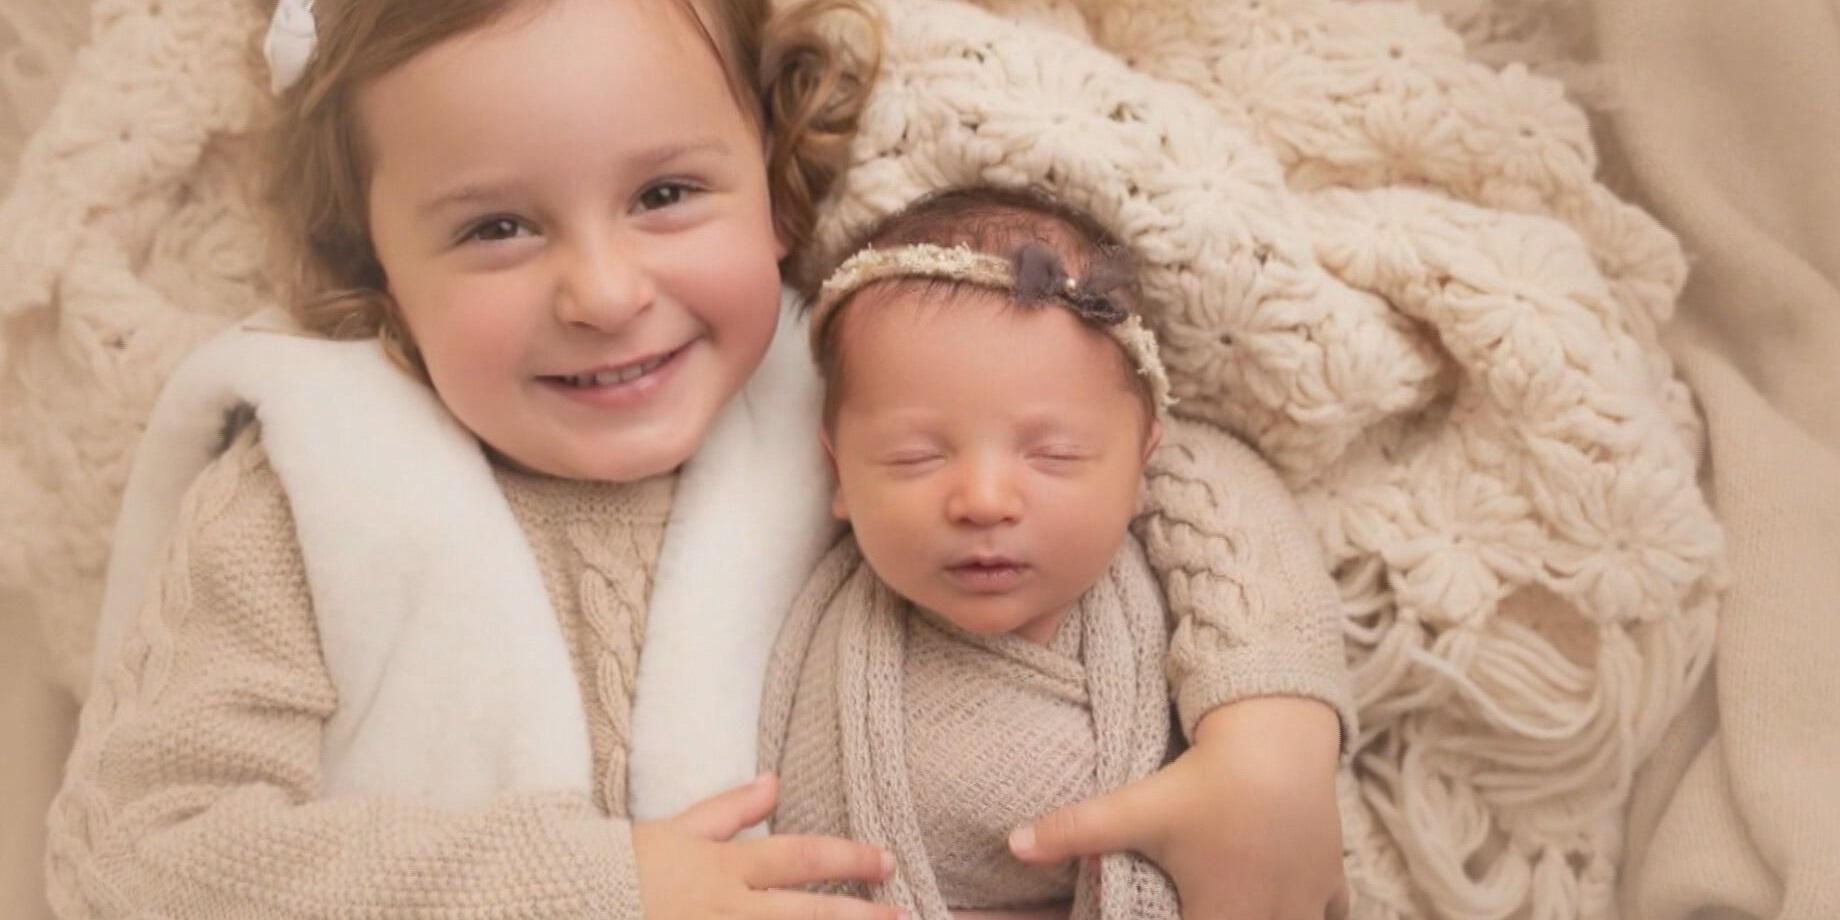 Molly e Emma Gibson são filhas de um casal que não conseguiu ter filhos naturalm